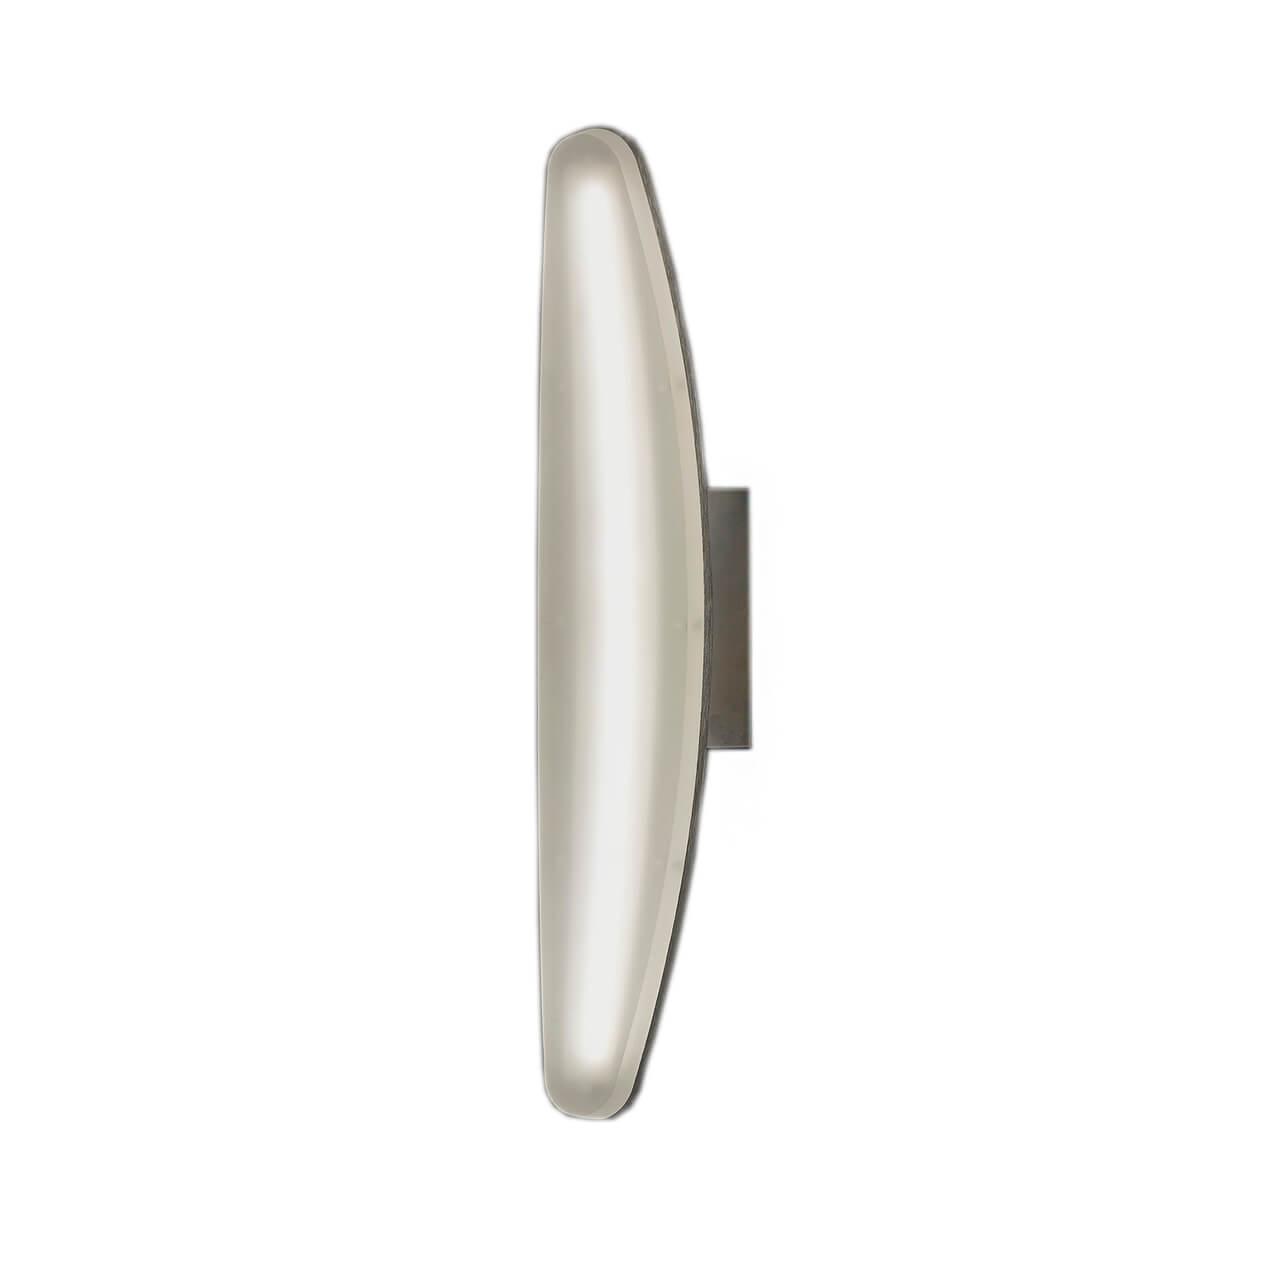 Настенный светодиодный светильник Mantra Hemisferic 4084 стоимость